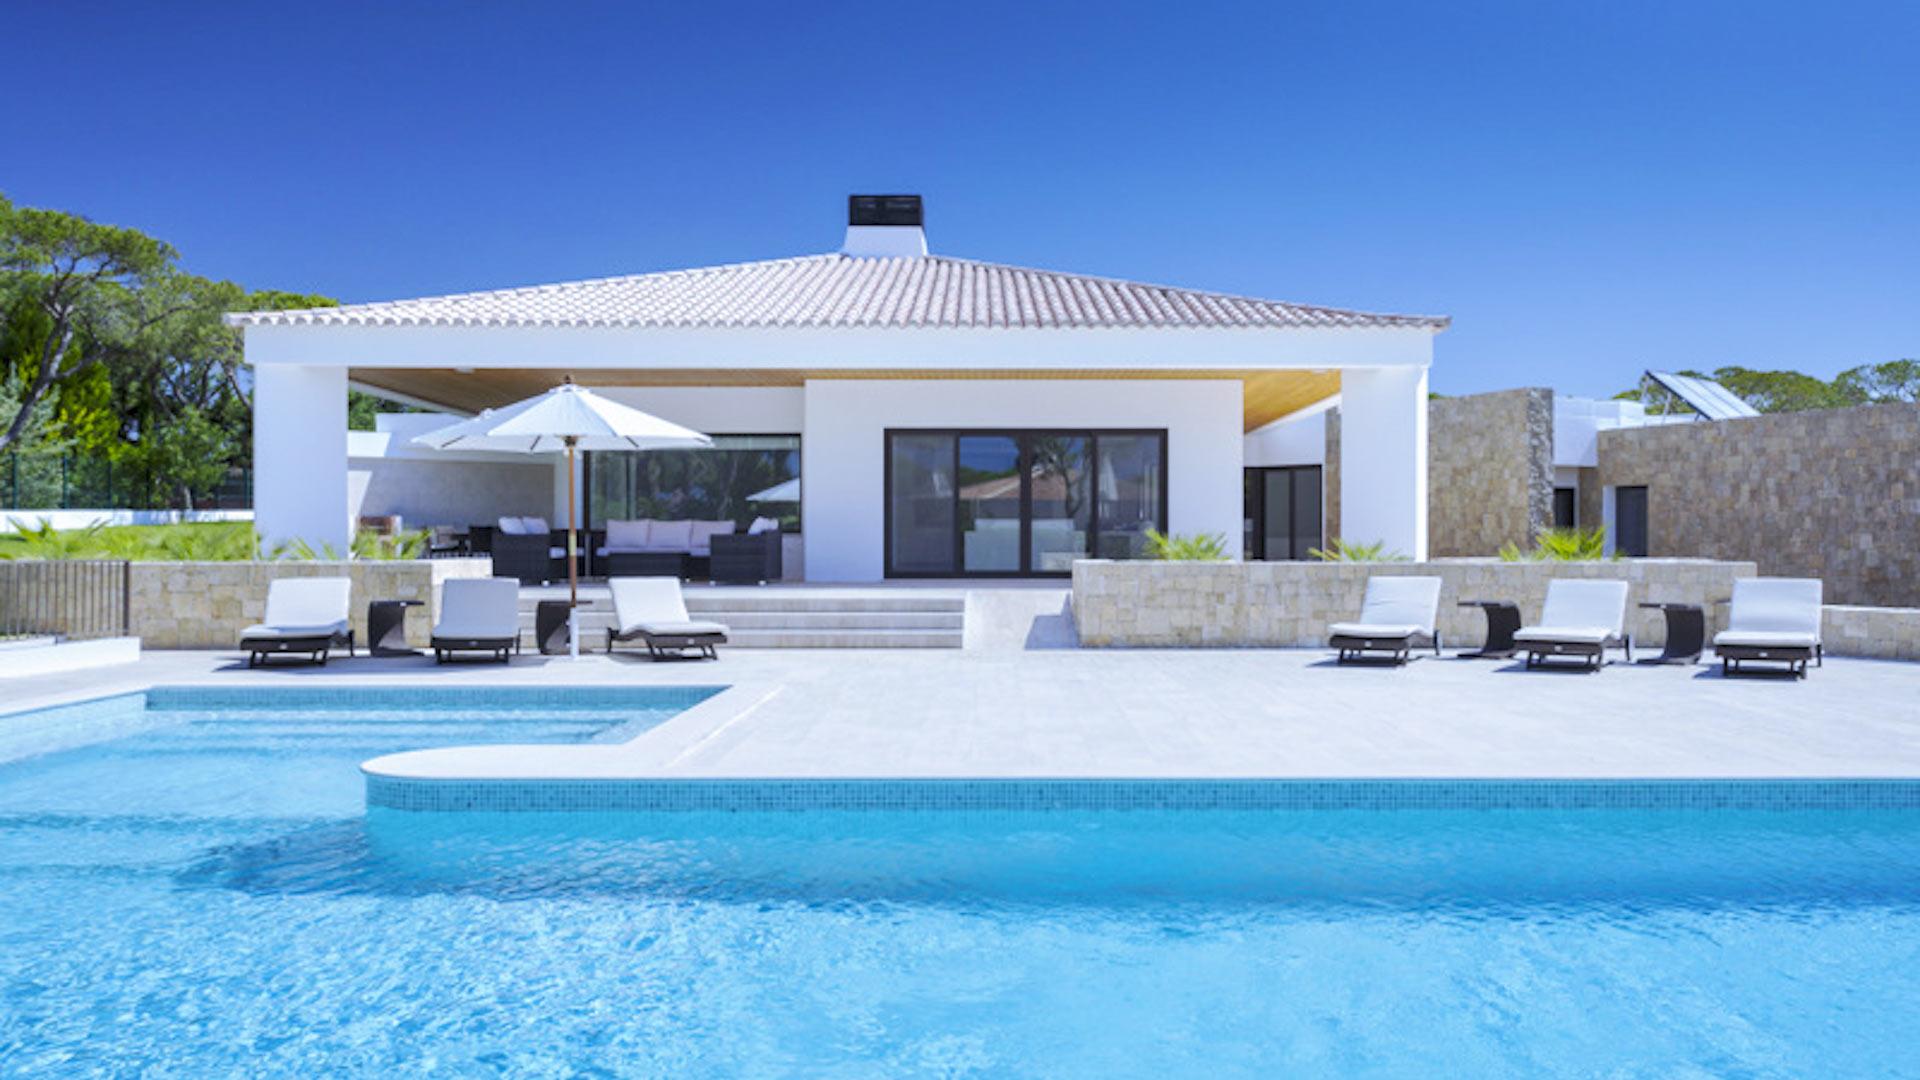 Villa helsinki alquiler de casa en algarve vilamoura villanovo - Alquiler de casas en portugal ...